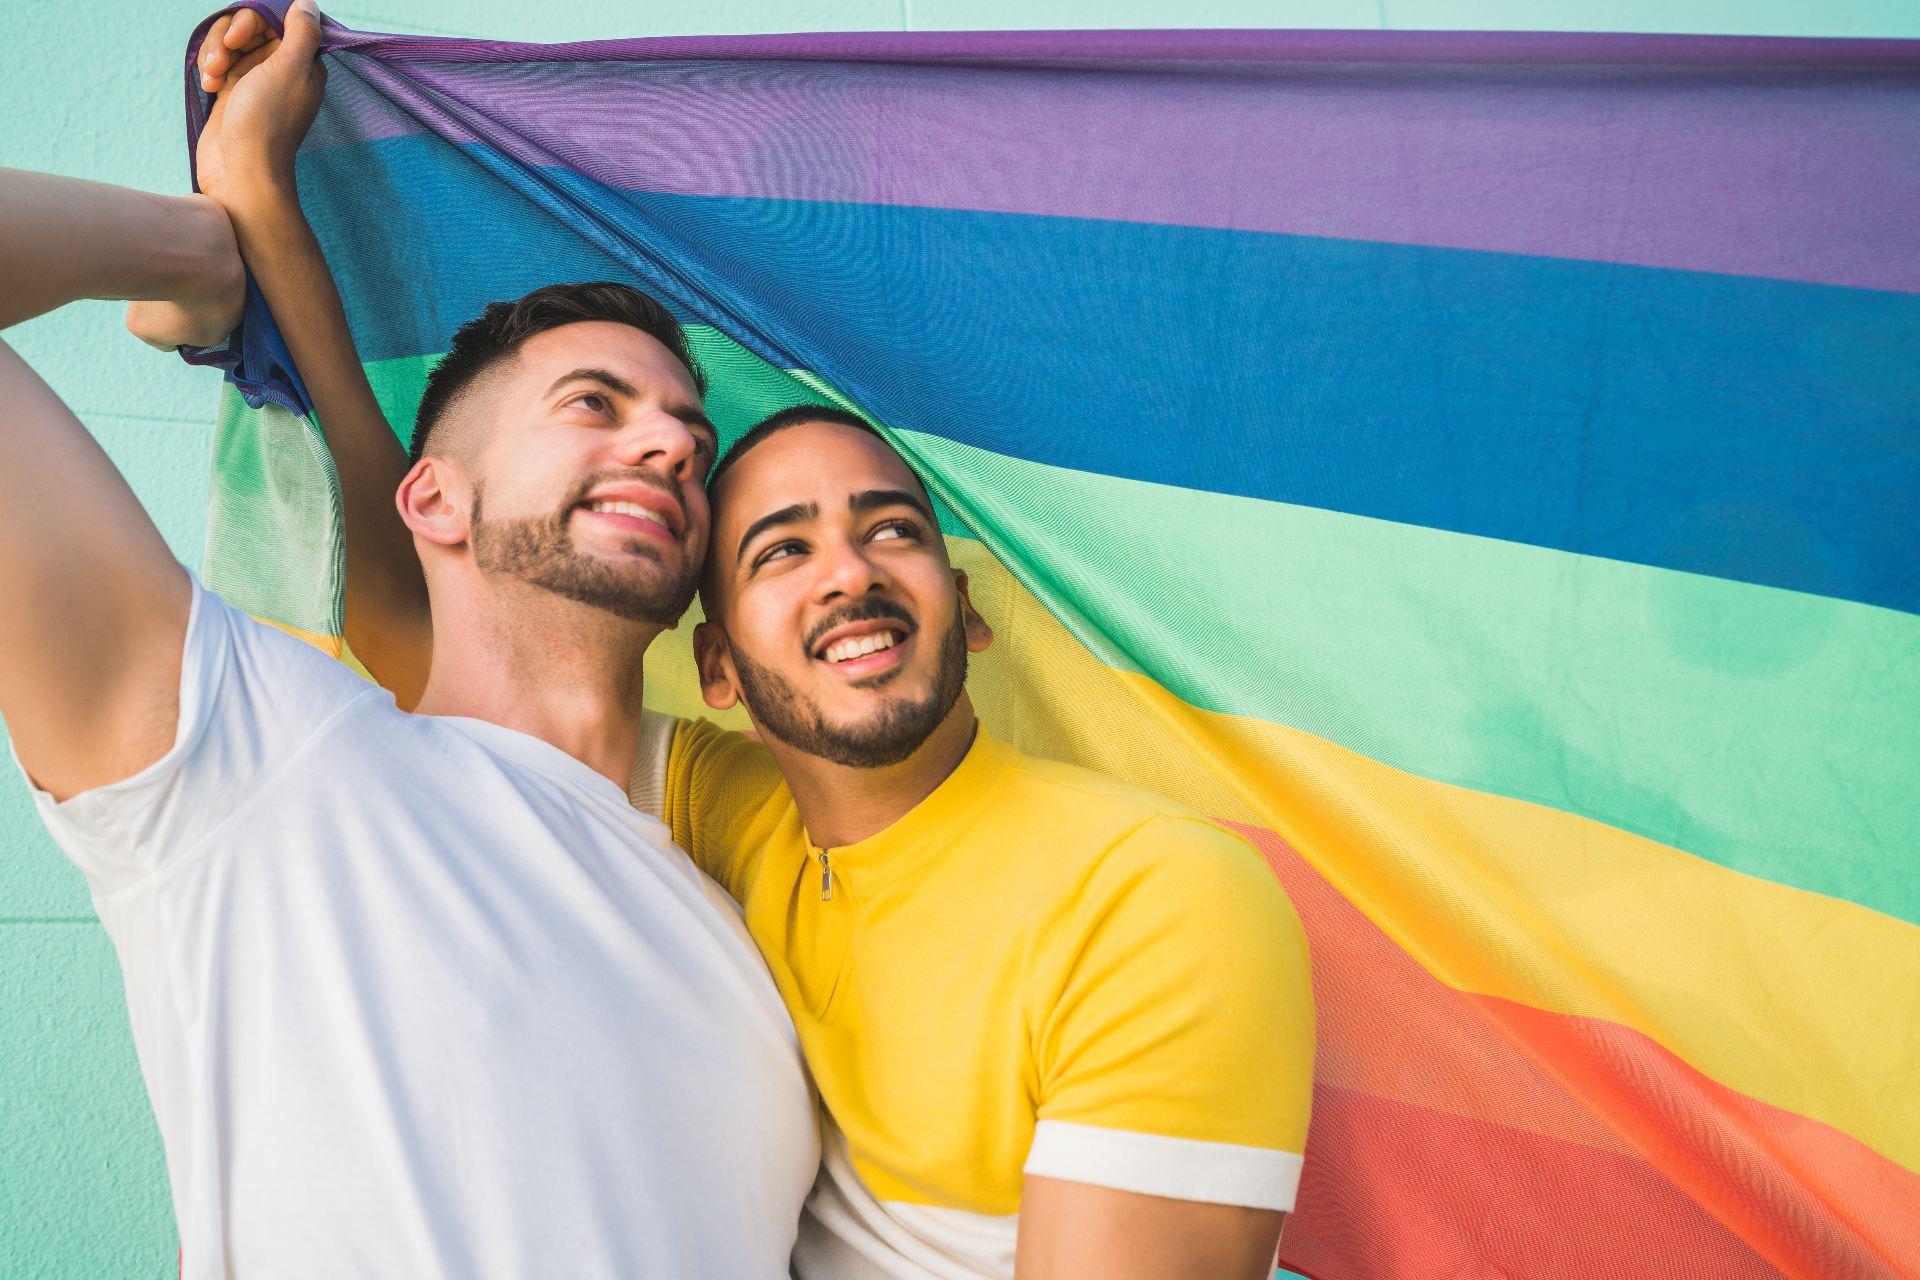 Le classement touristique LGBTI de Forbes